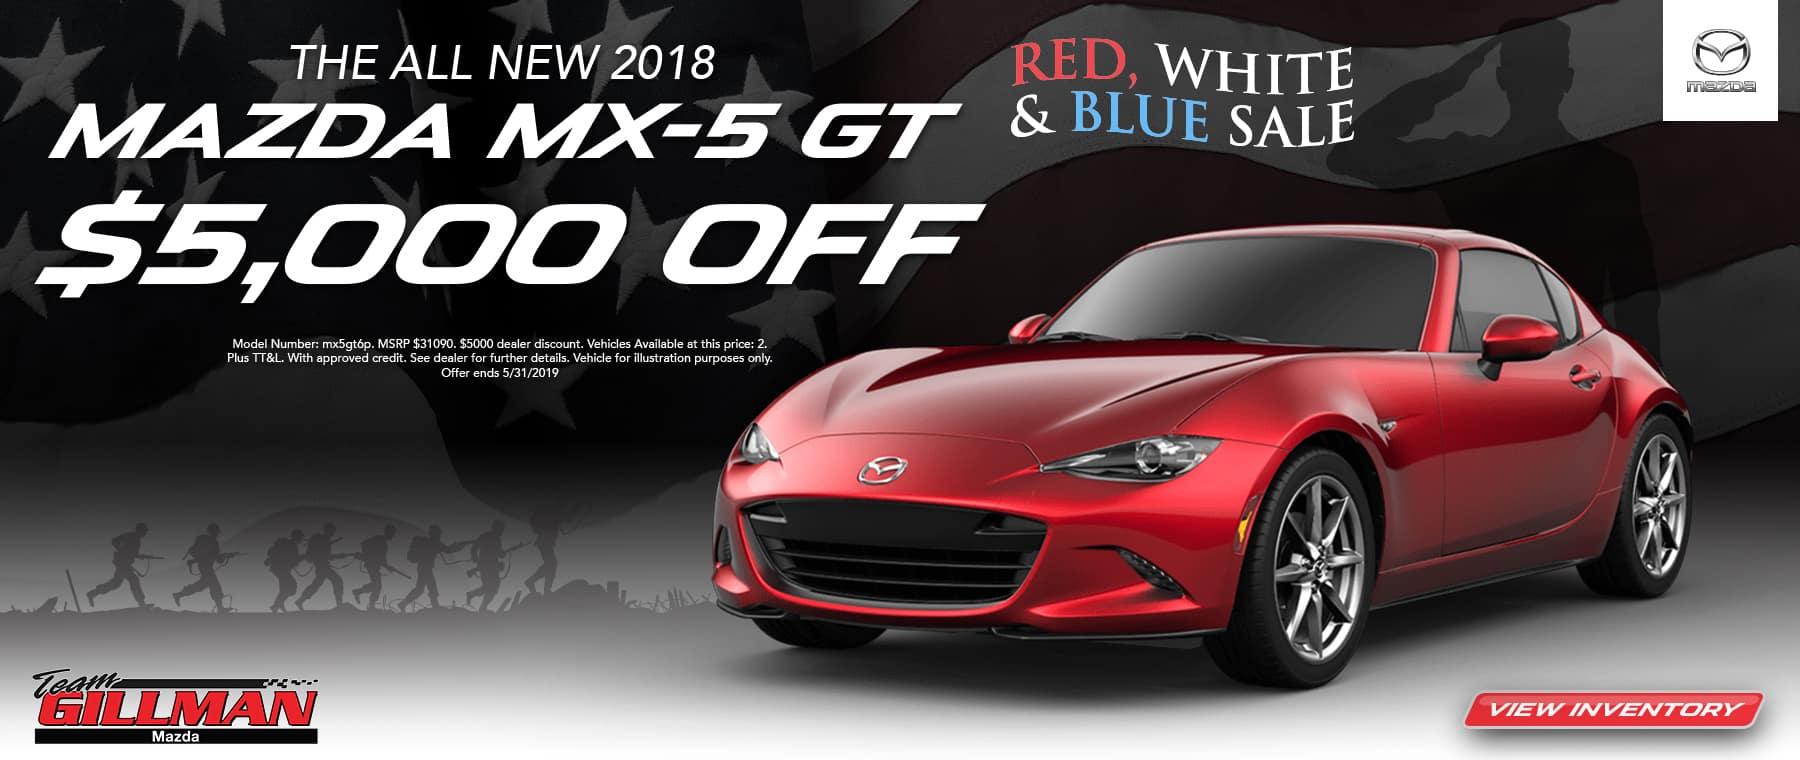 2018-Mazda-MX-5-GT